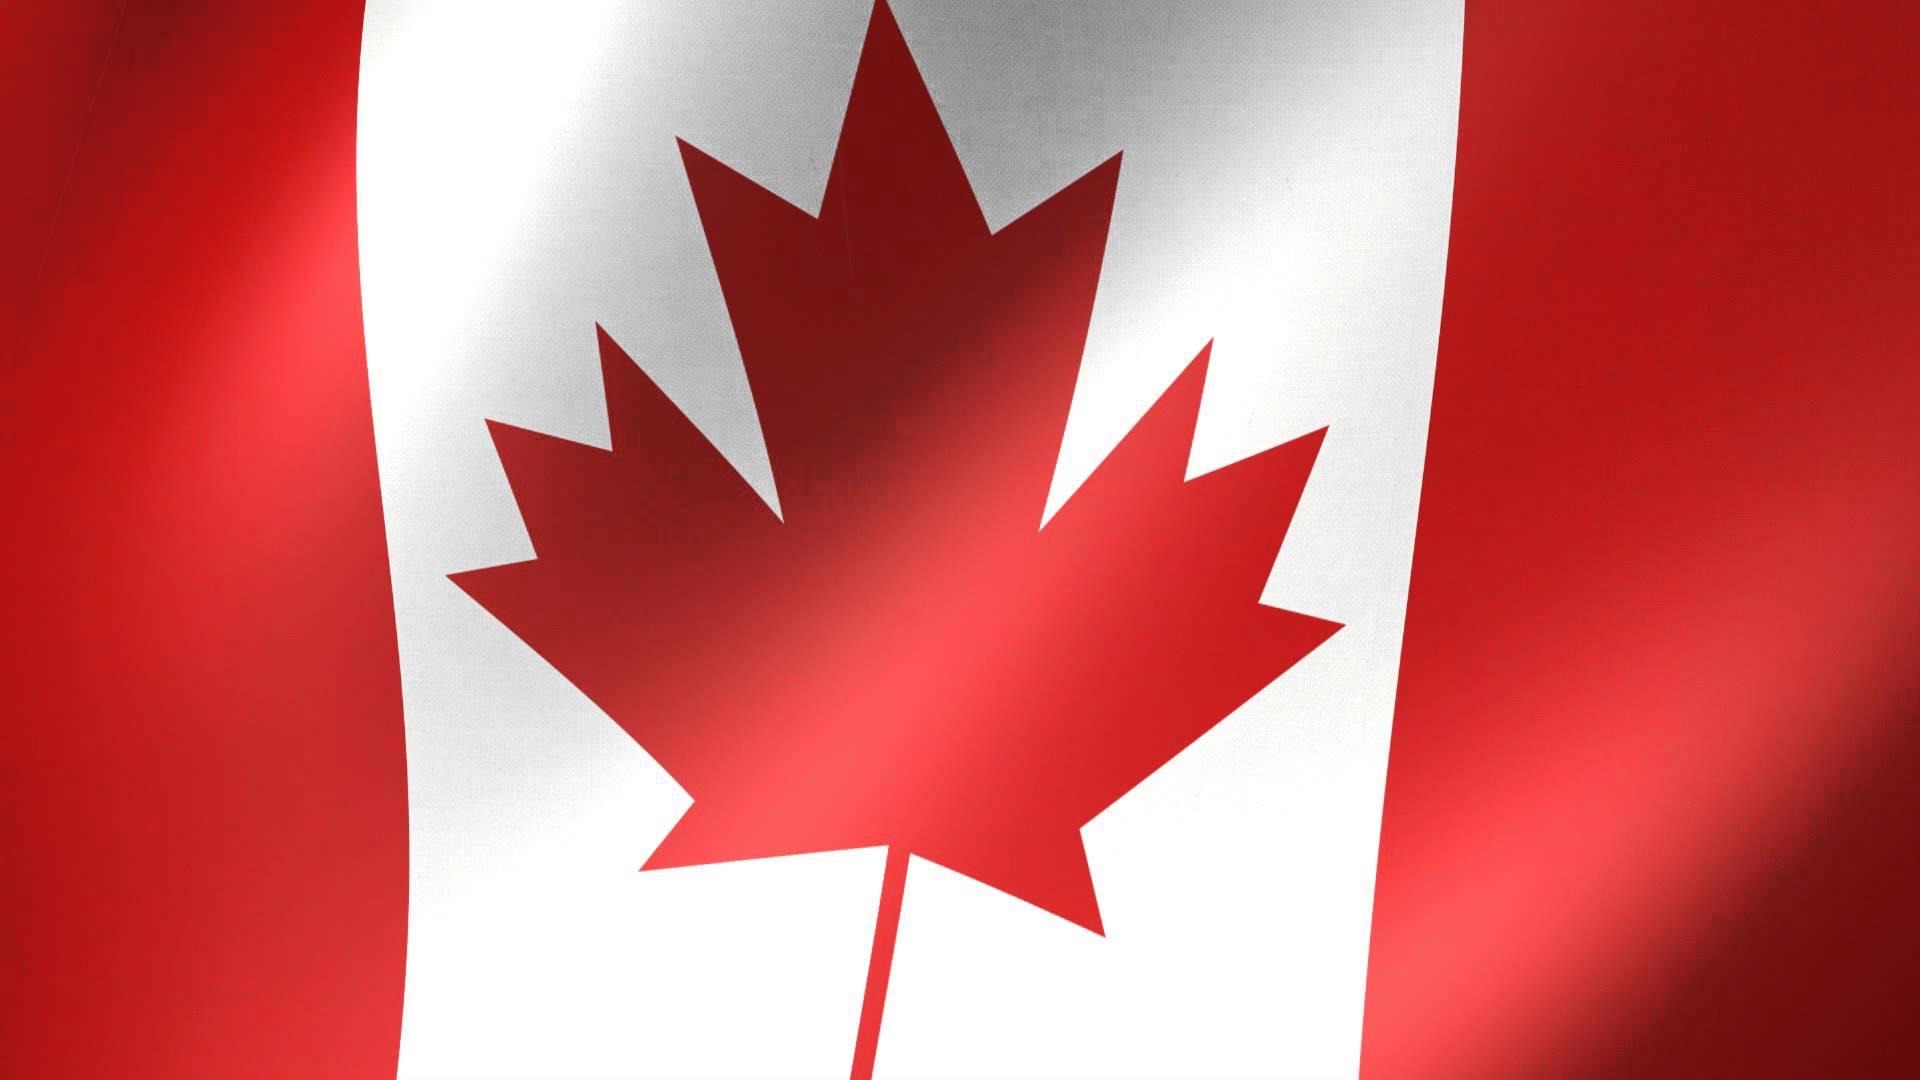 احترام به مهاجران,زندگی در کانادا,ویزای تضمینی,ویزای تضمینی کانادا,ویزای مولتی 5 ساله کانادا,سفر به کانادا,ویزای توریستی کانادا